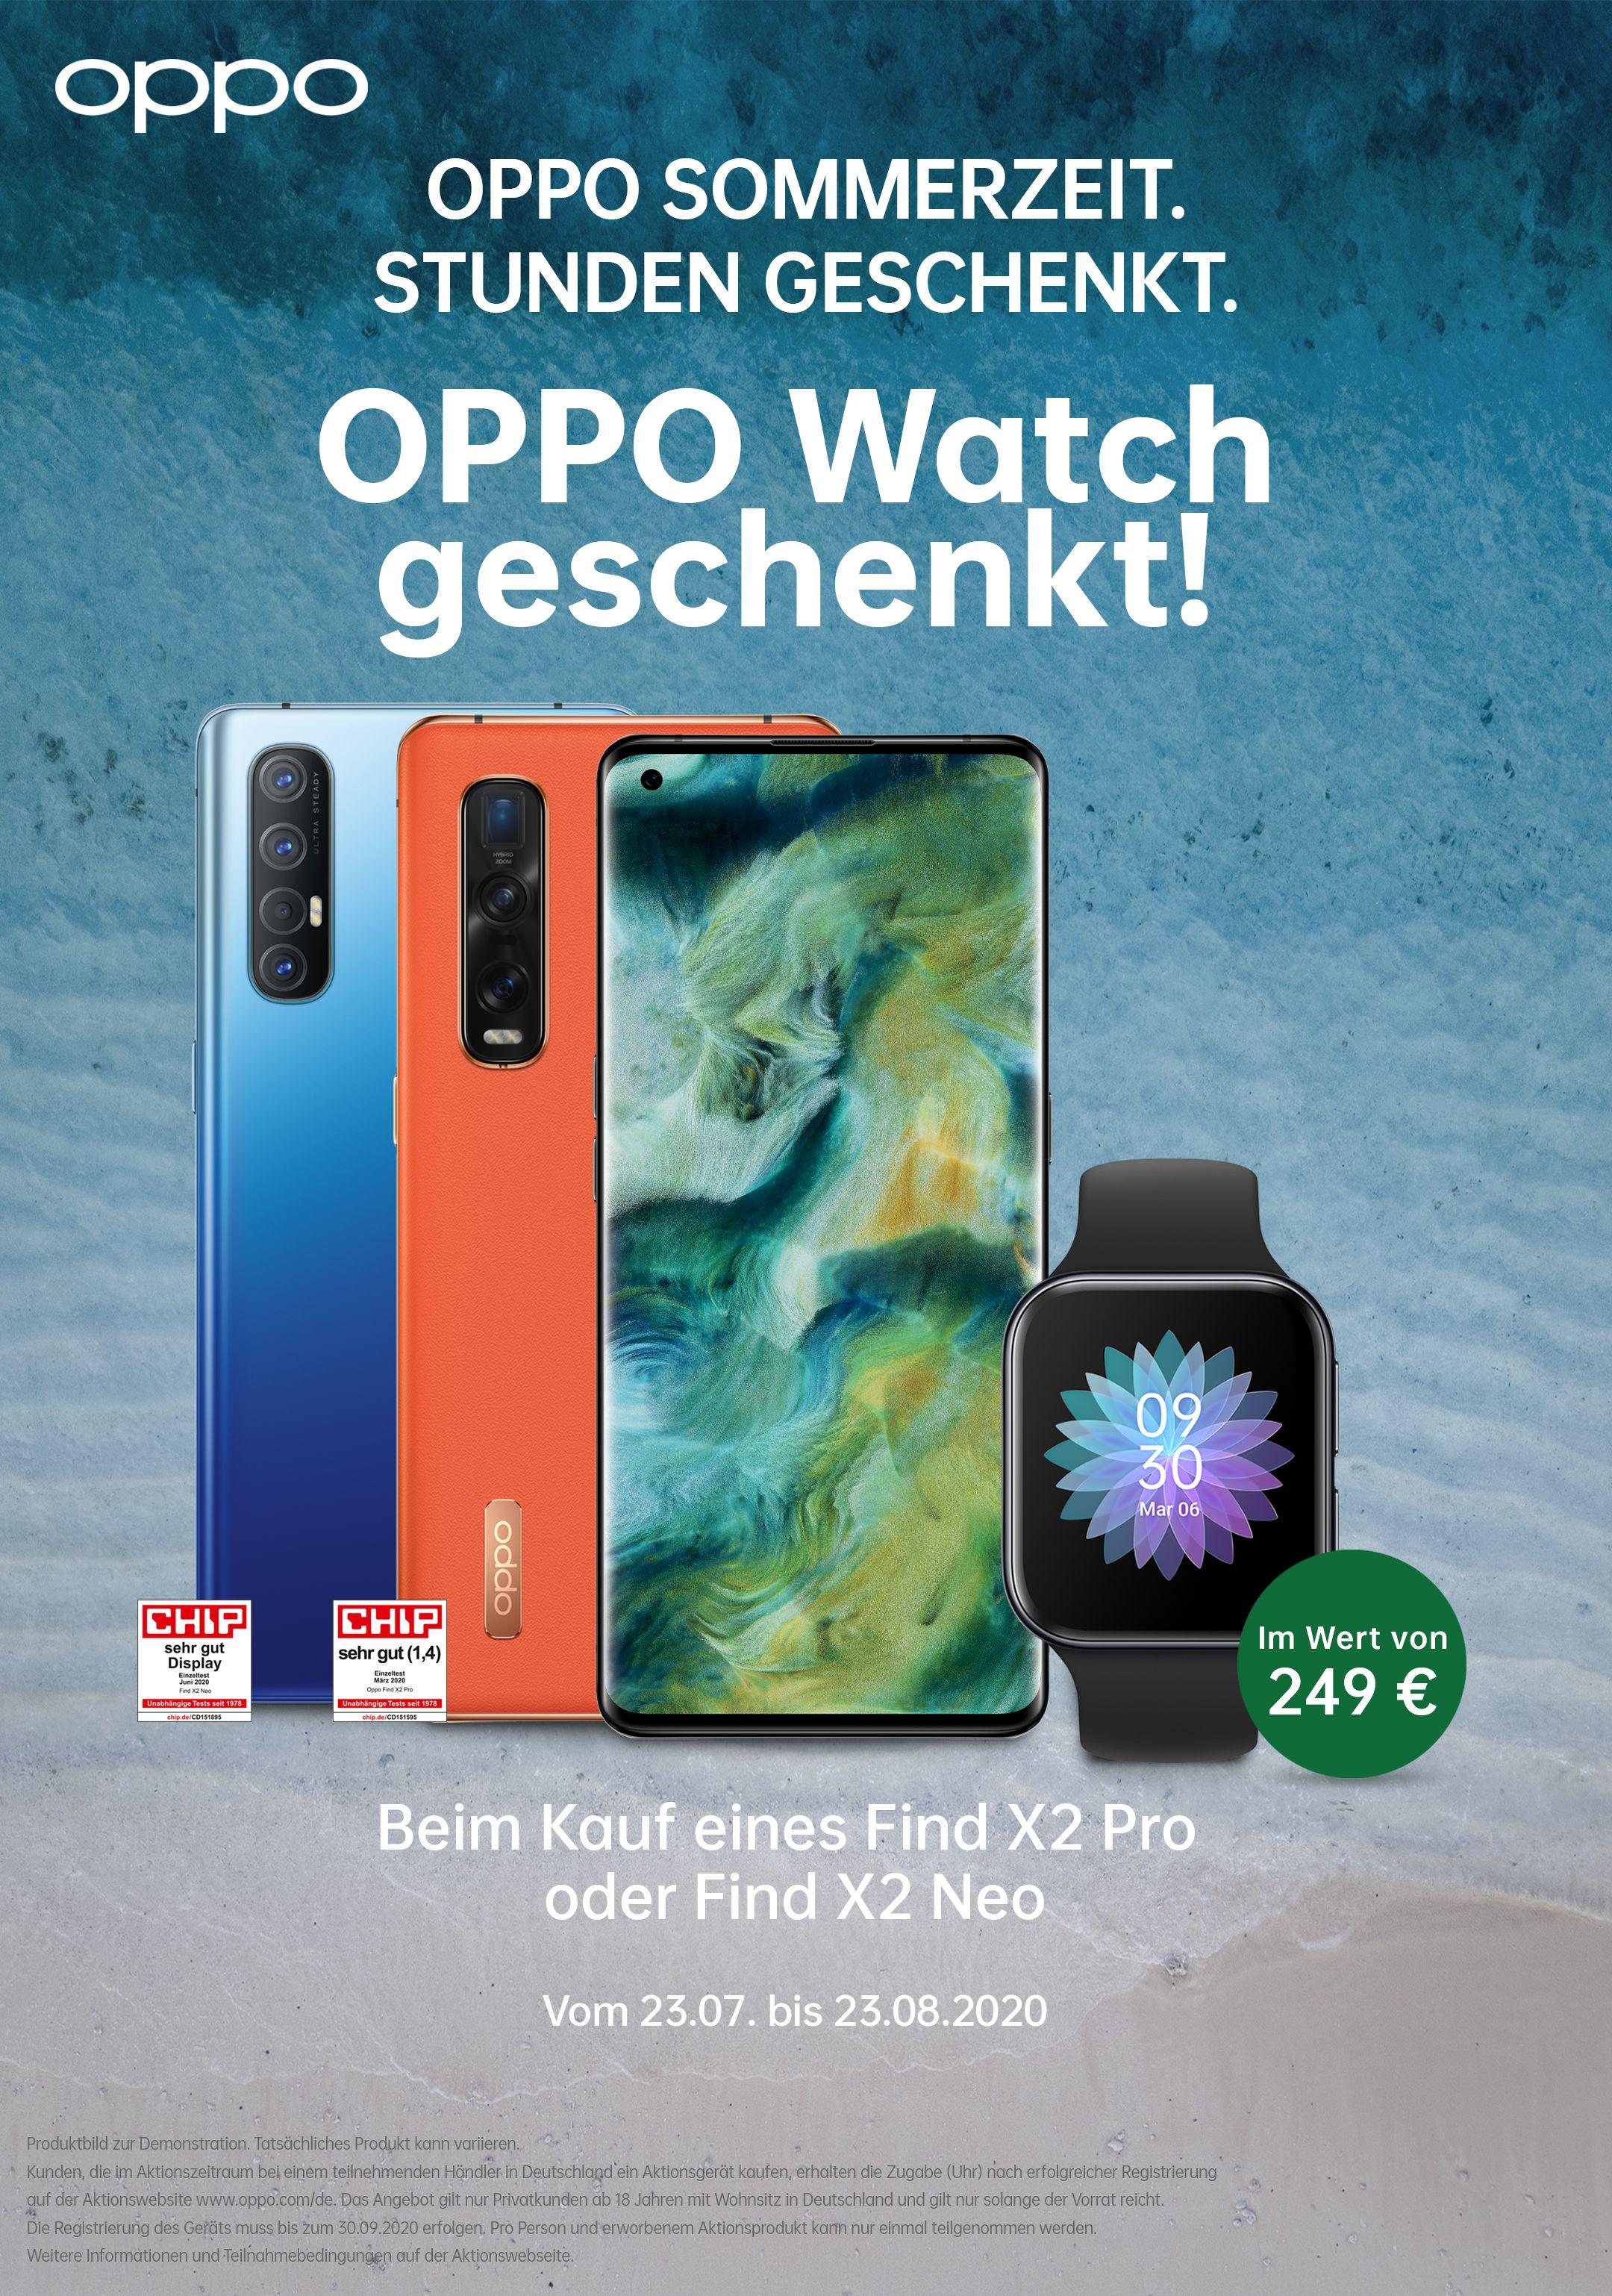 Oppo Watch beim Kauf eines Find X2 Neo oder Pro geschenkt